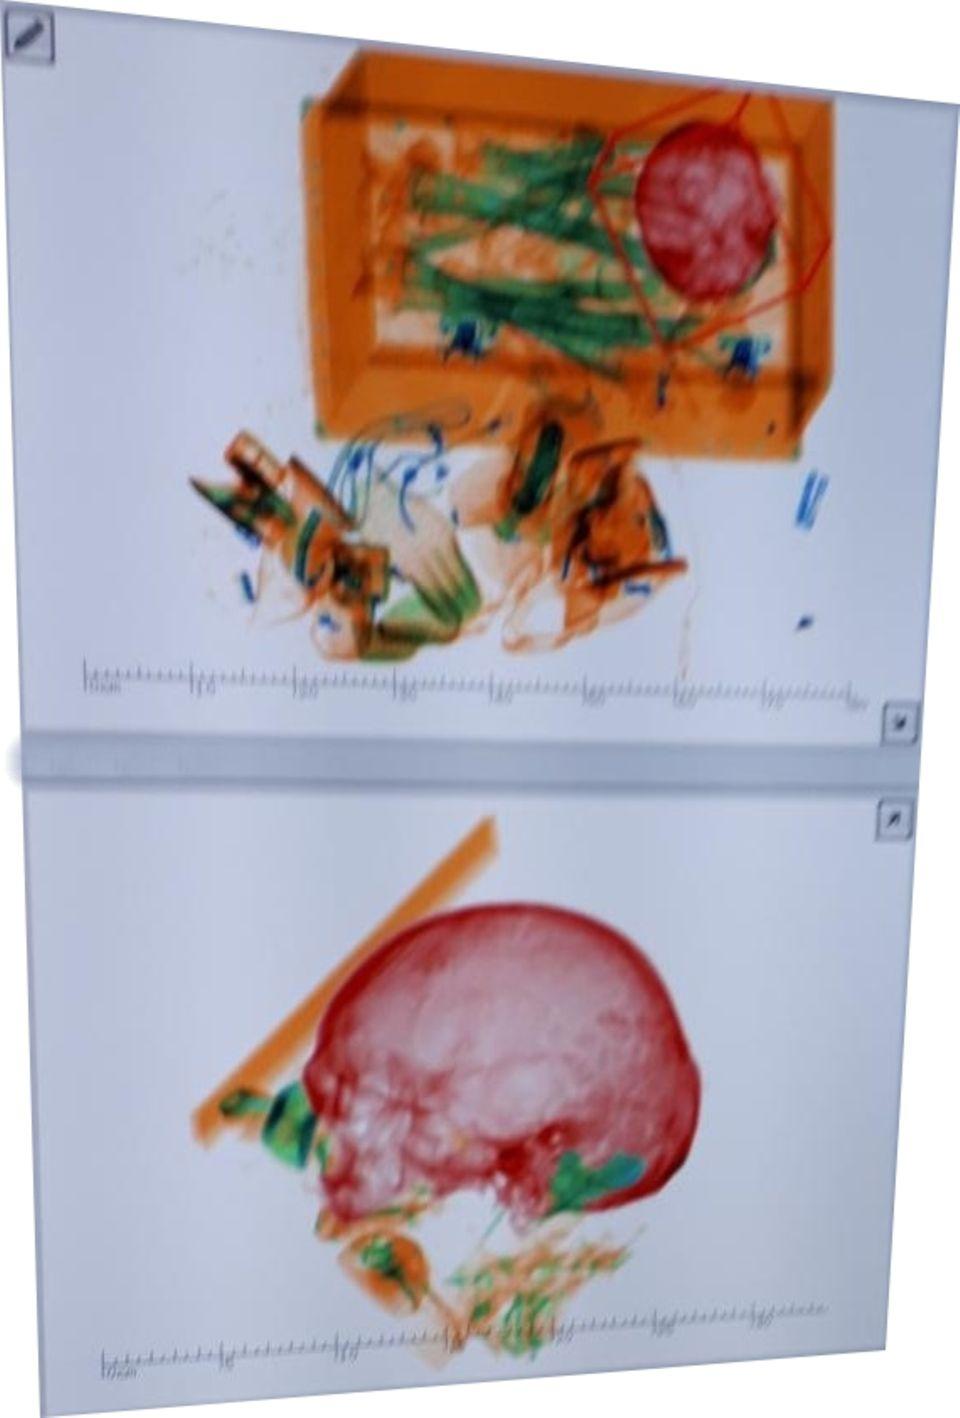 Die undatierte Aufnahme zeigt ein Röntgenbild von einer Holzkiste mit den Gebeinen von einem Mann